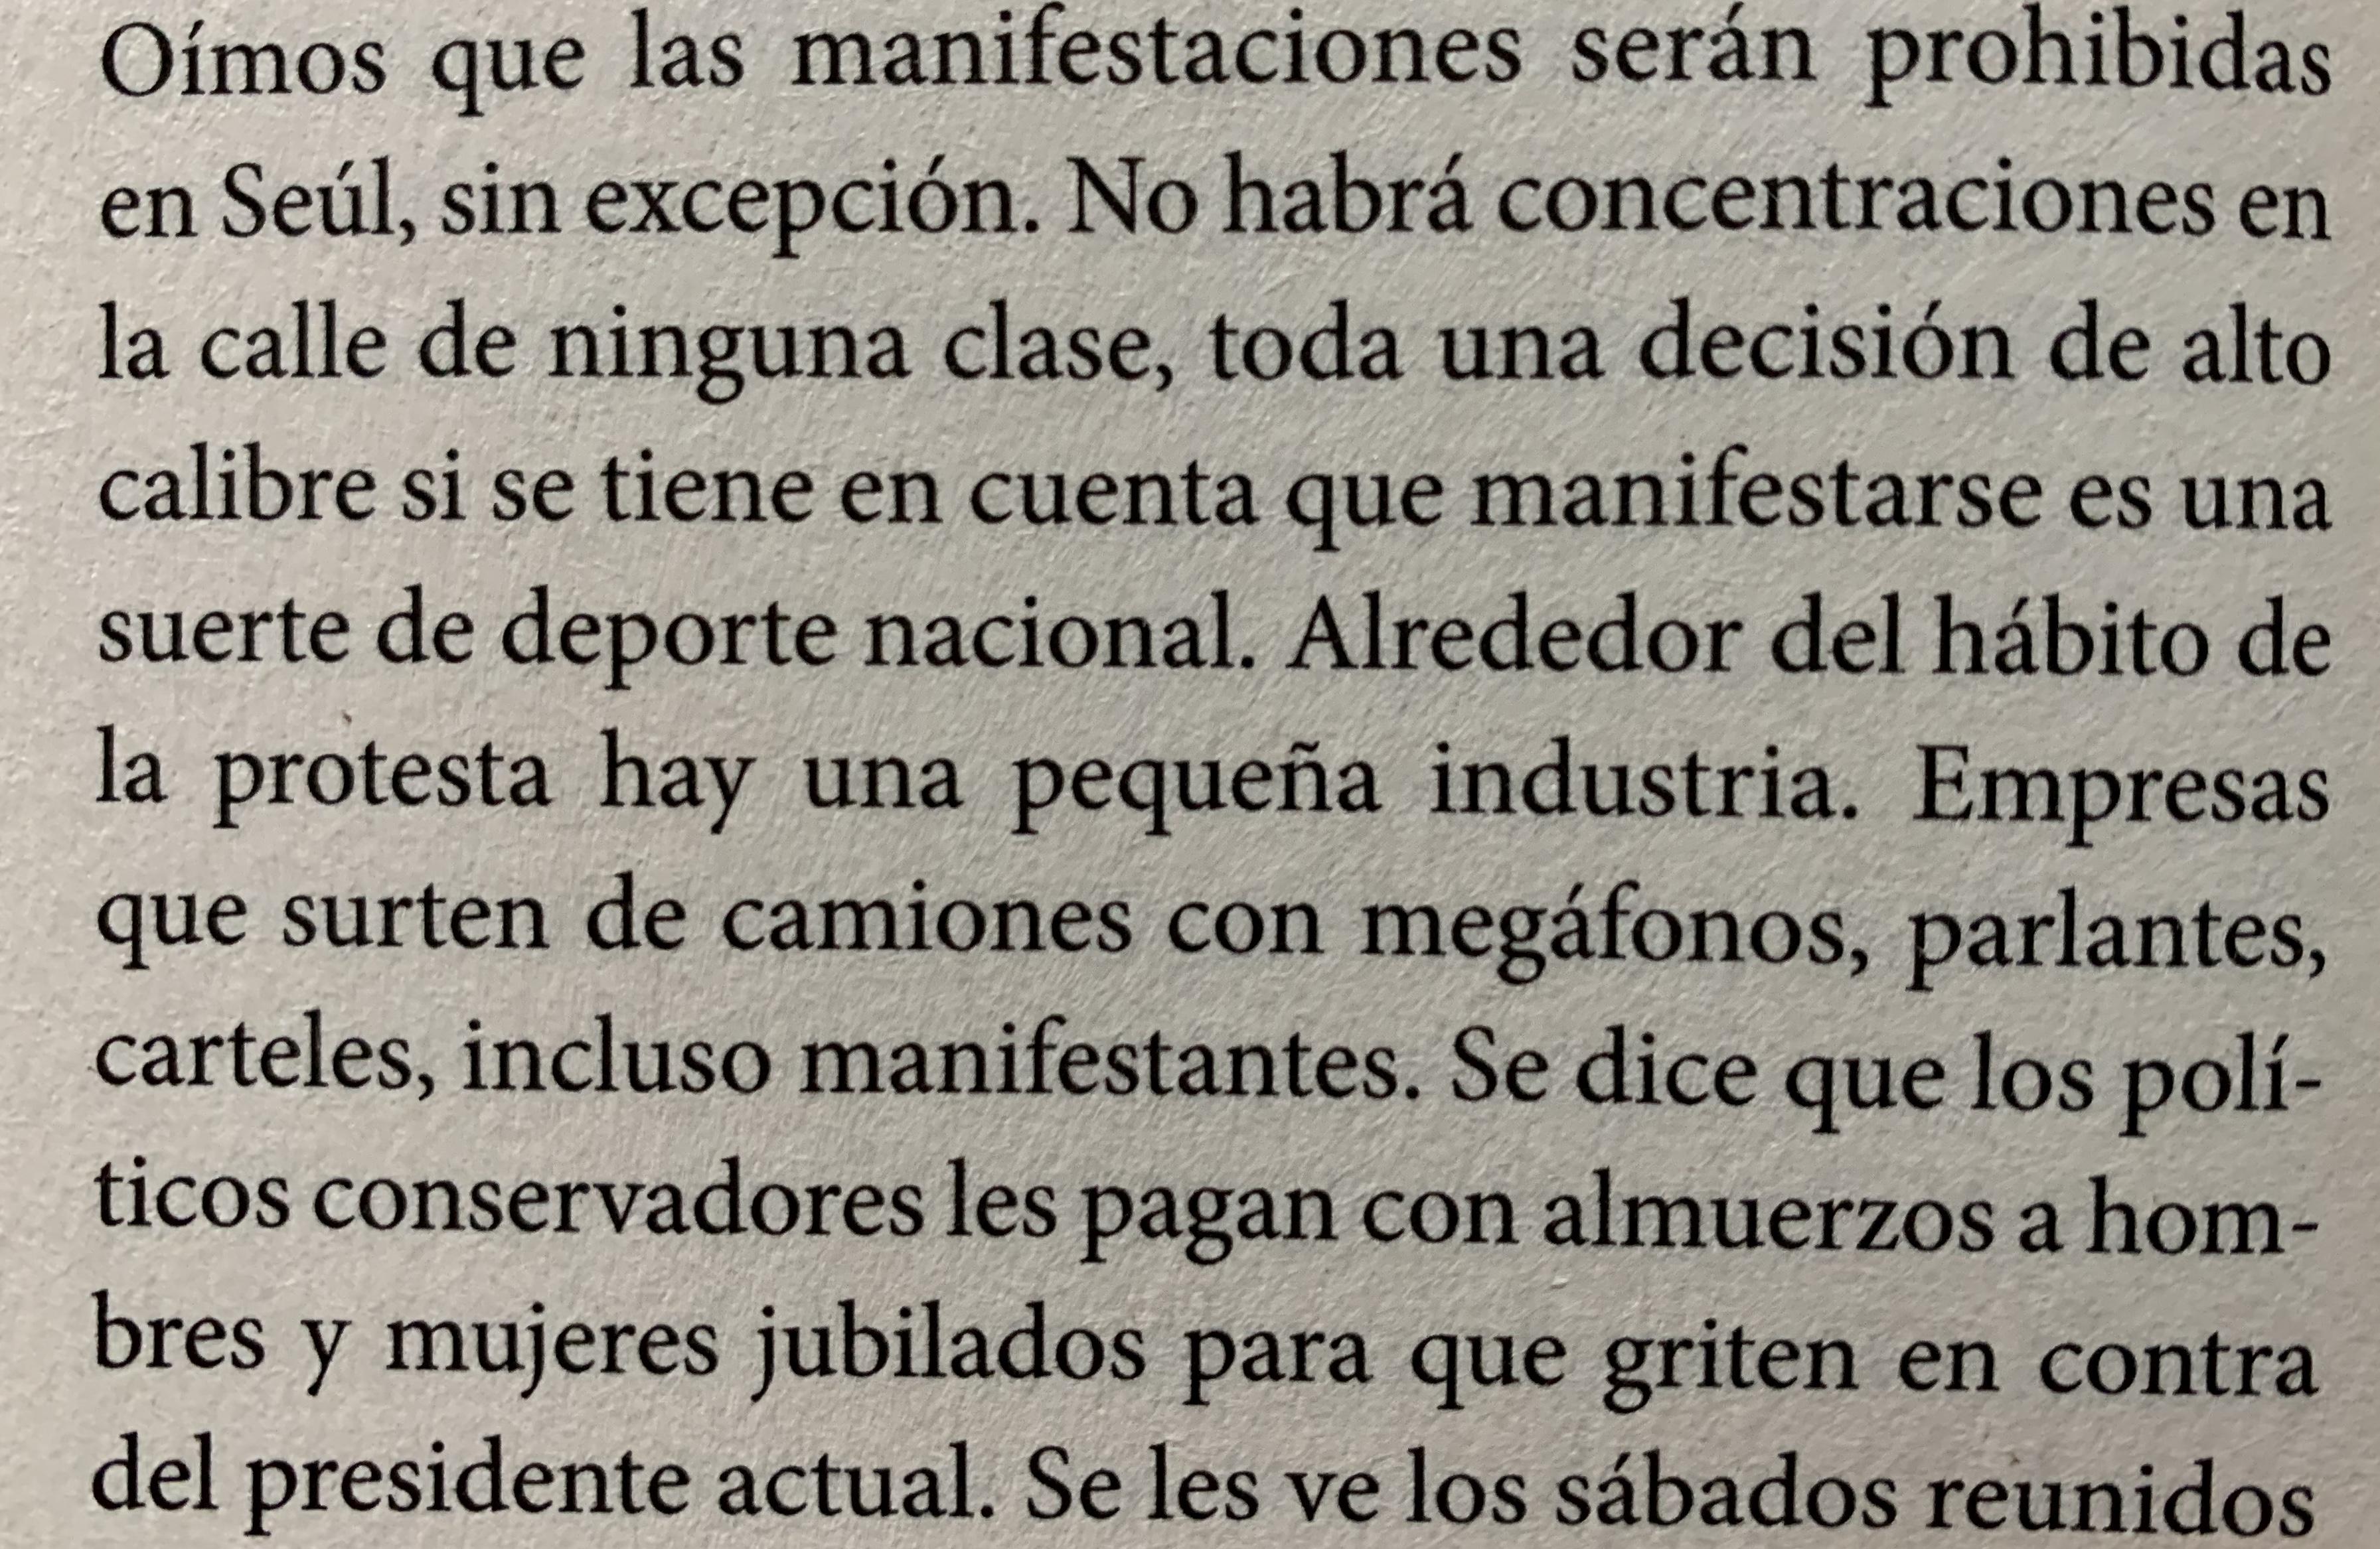 Fragmento del libro Los días de la fiebre de Andrés Felipe Solano